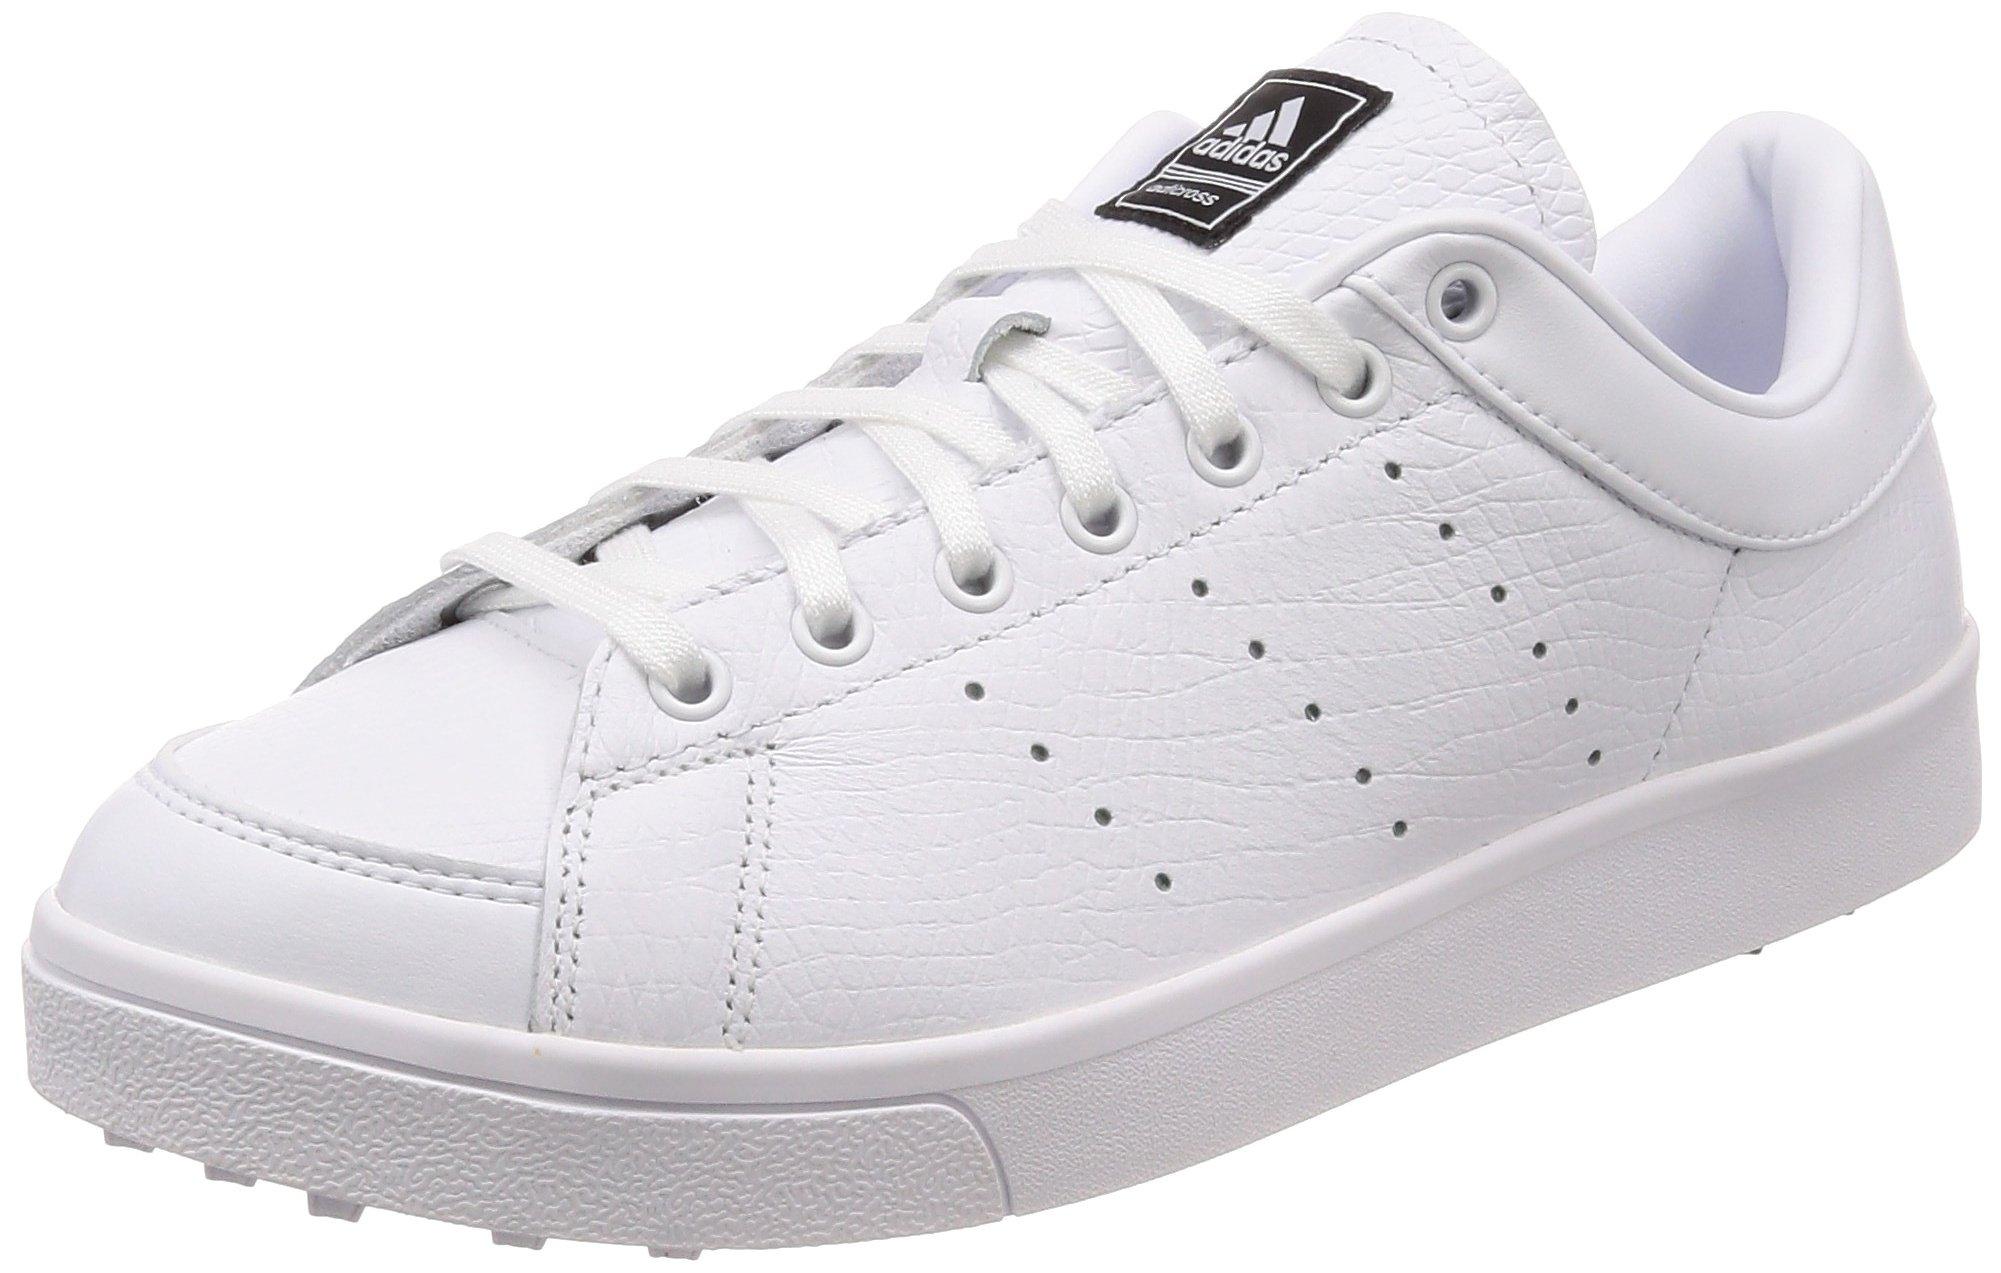 Adicross Classic Golf Shoes